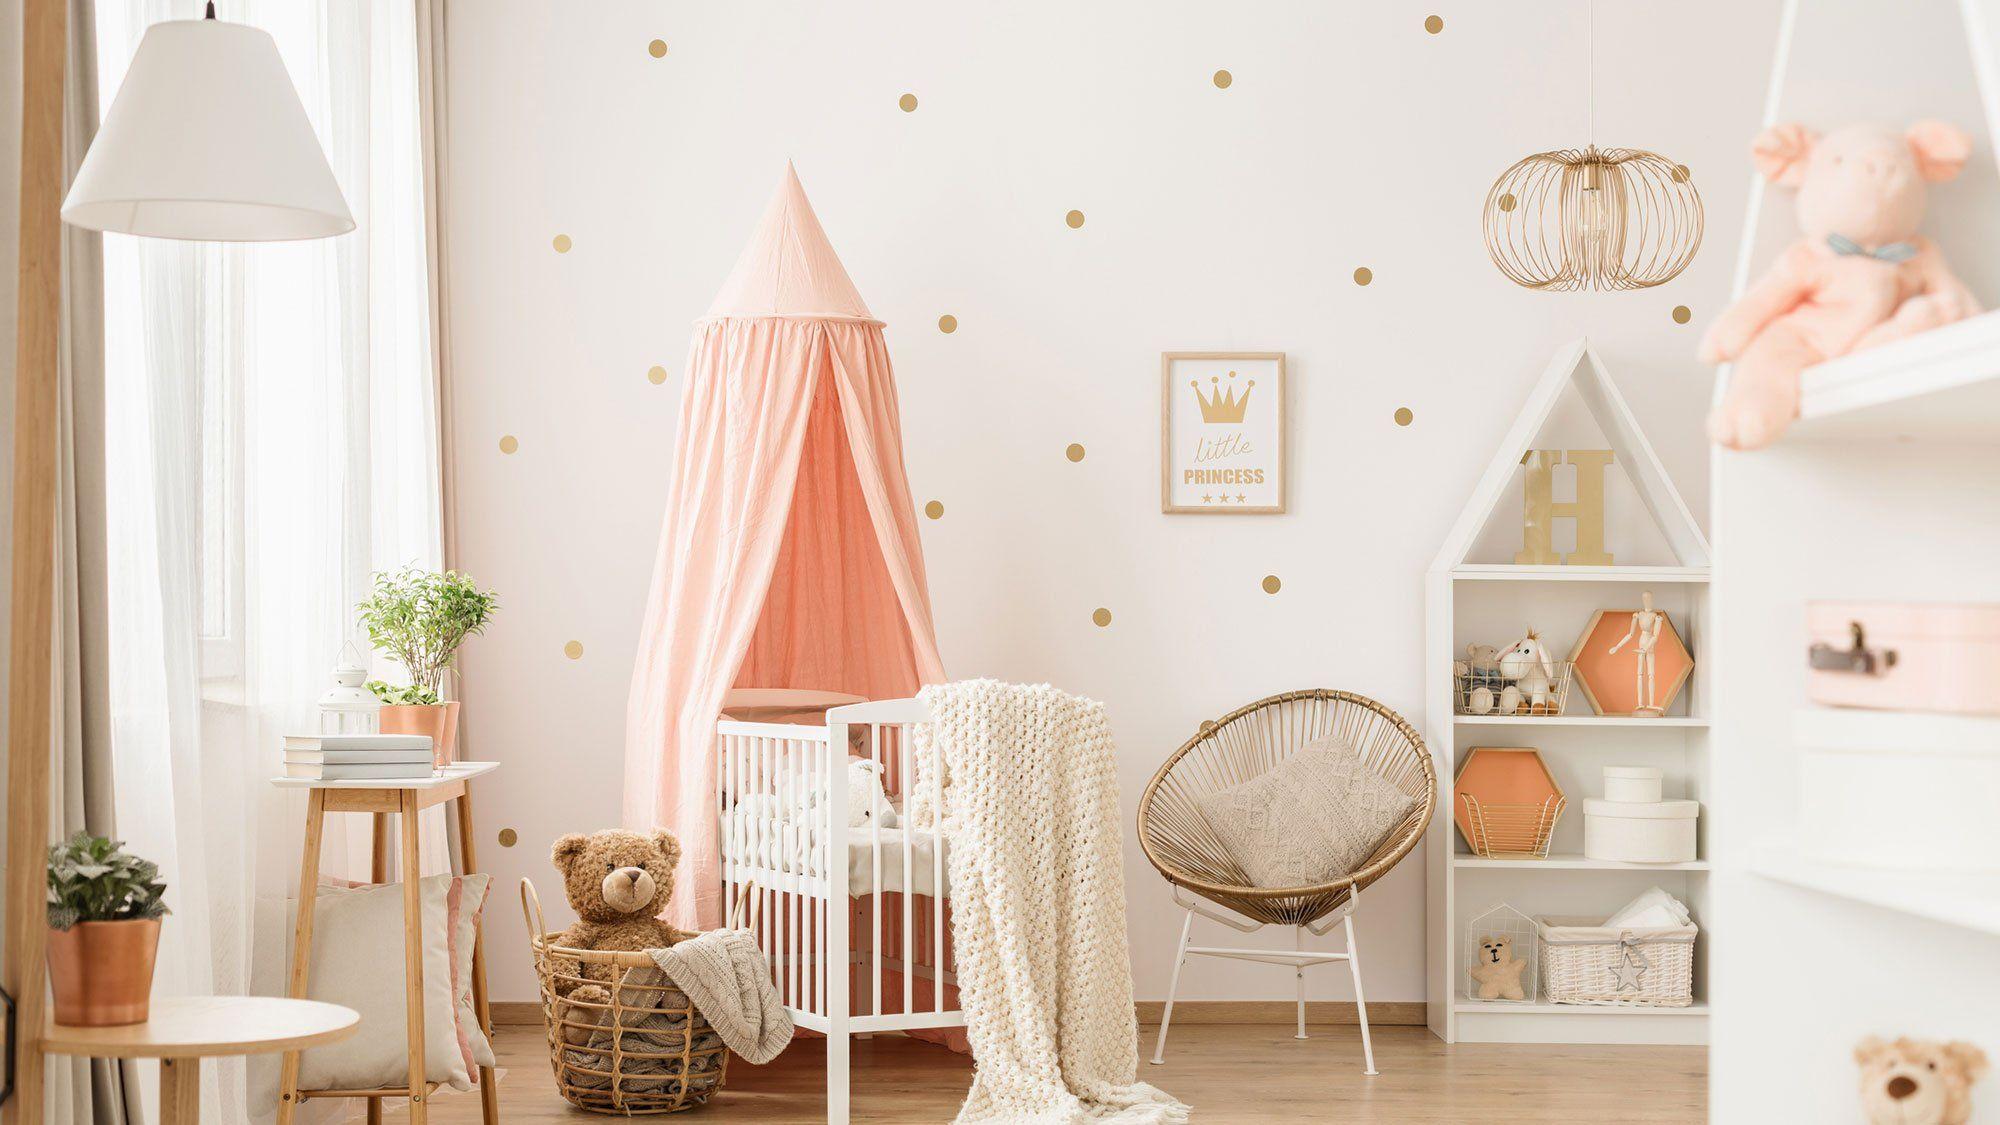 Comment Rafraichir Une Chambre De Bébé chambre de bébé : 11 idées déco repérées sur les réseaux